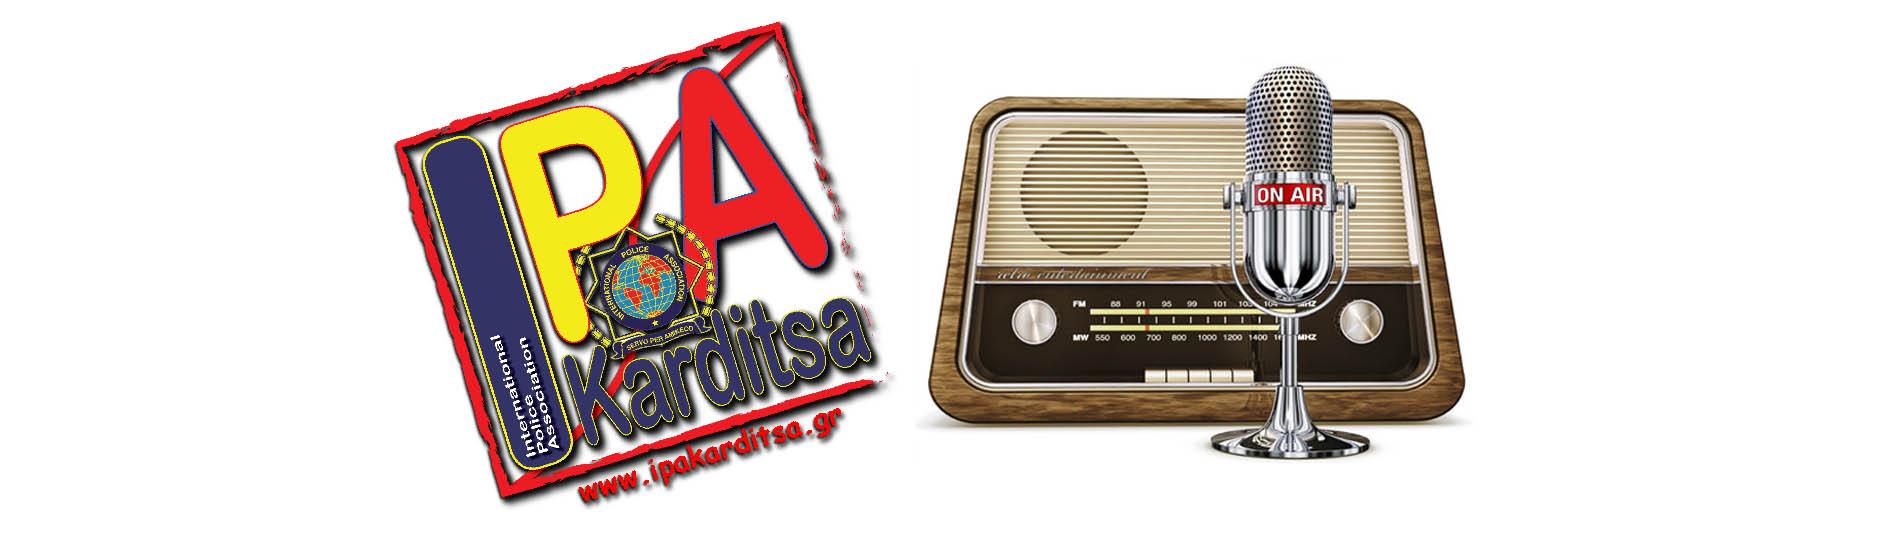 Στο ραδιόφωνο της ΕΡΤ η ΙΡΑ Καρδίτσας